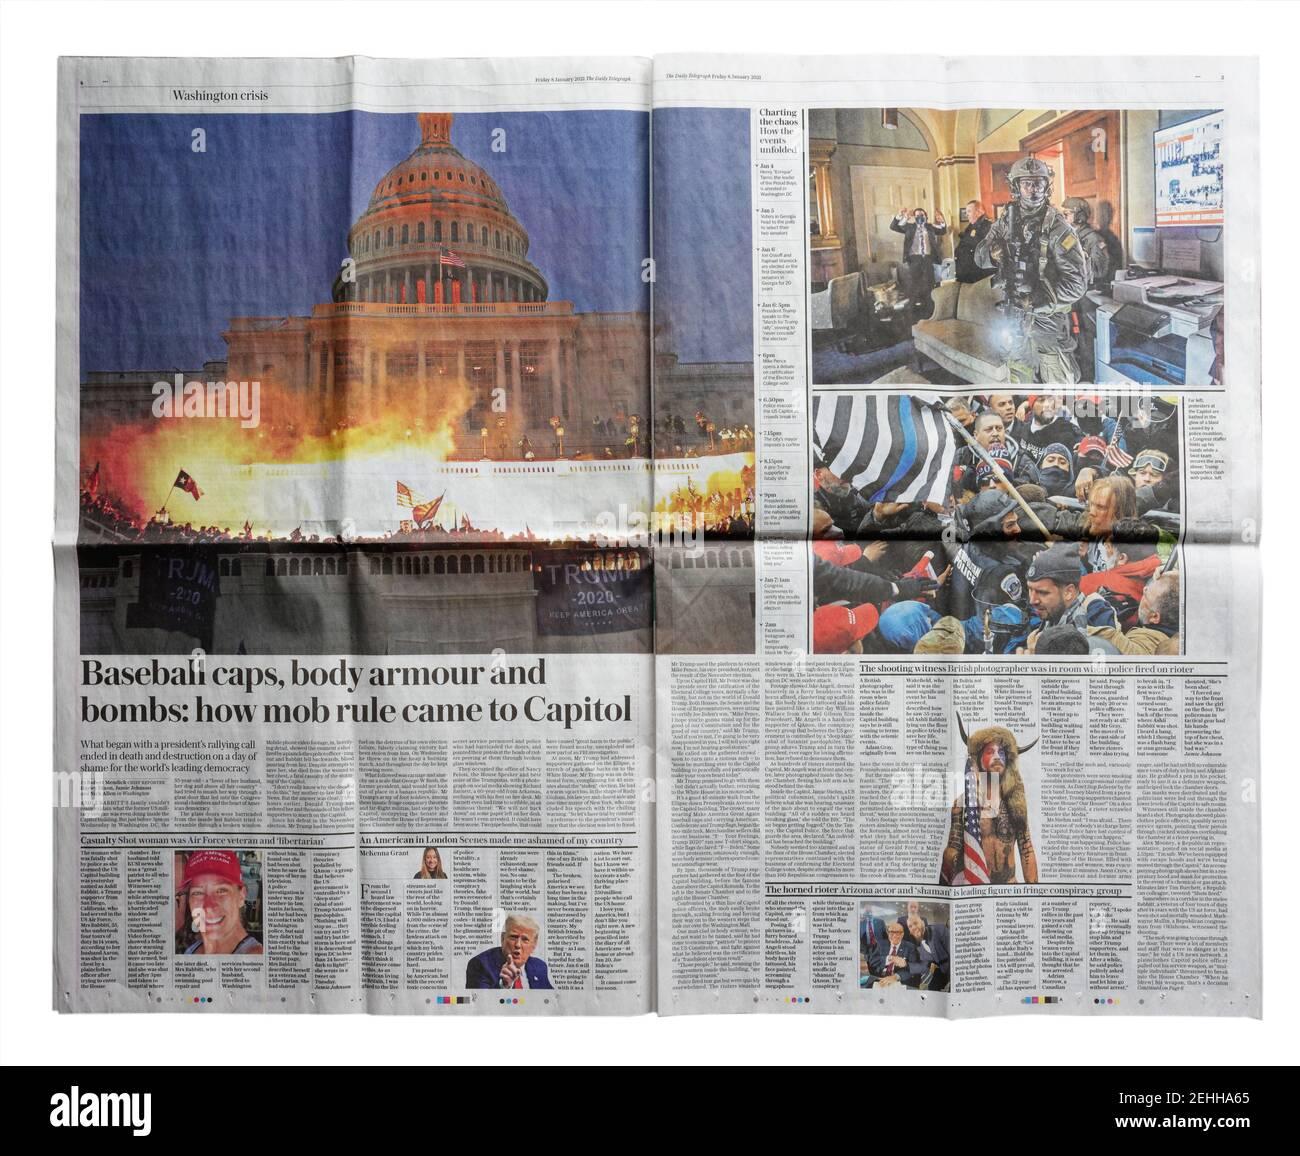 Una página doble del periódico Daily Telegraph sobre La invasión del Capitolio del 6 de enero de 2021 Foto de stock